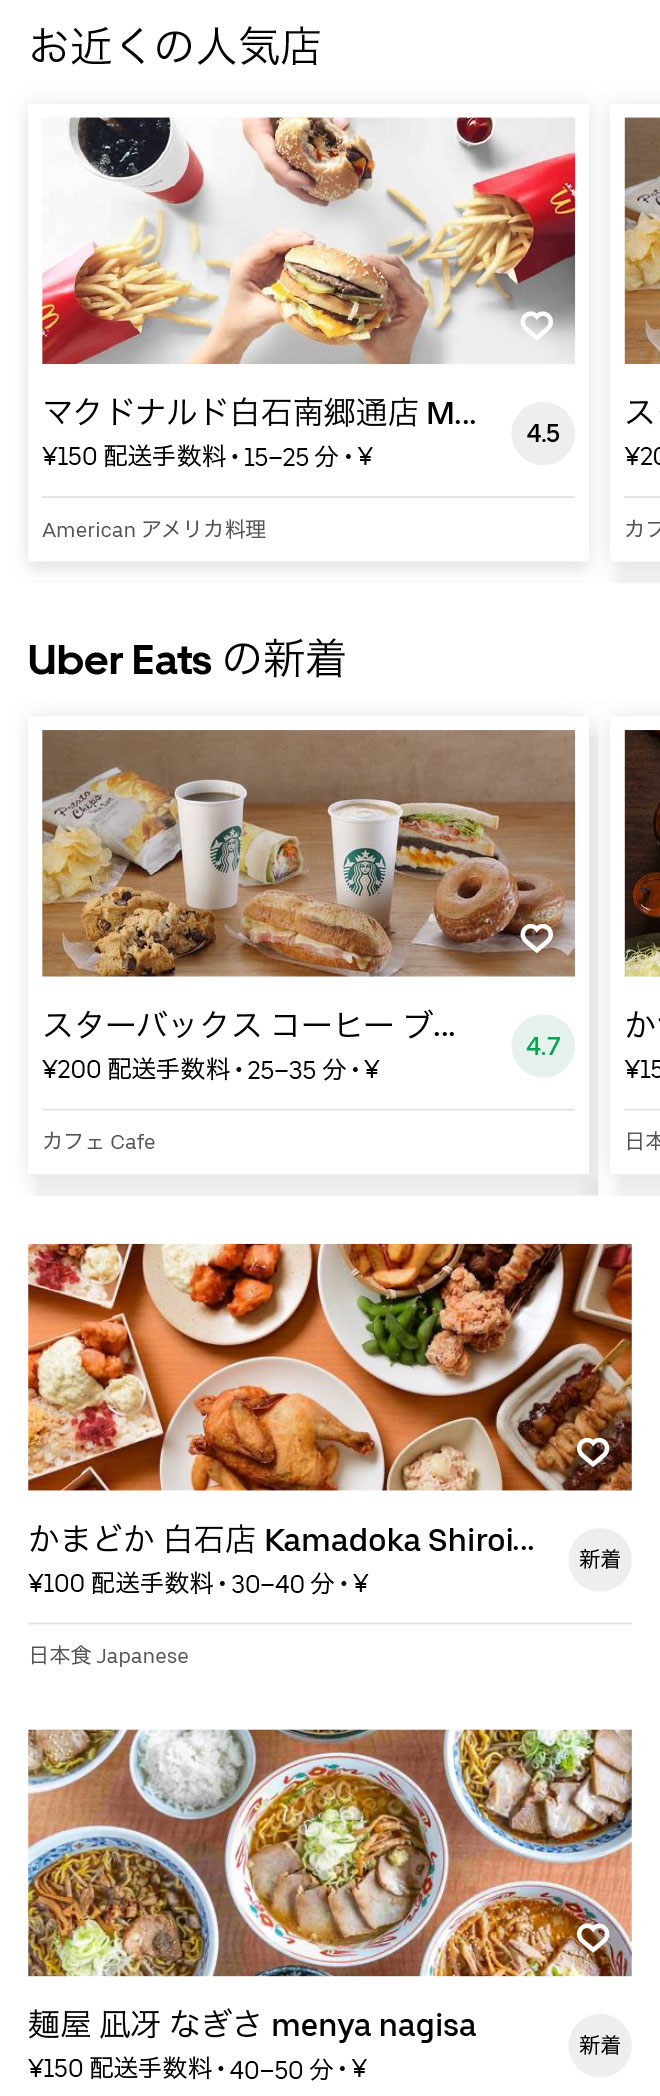 Nango7 menu 2008 01